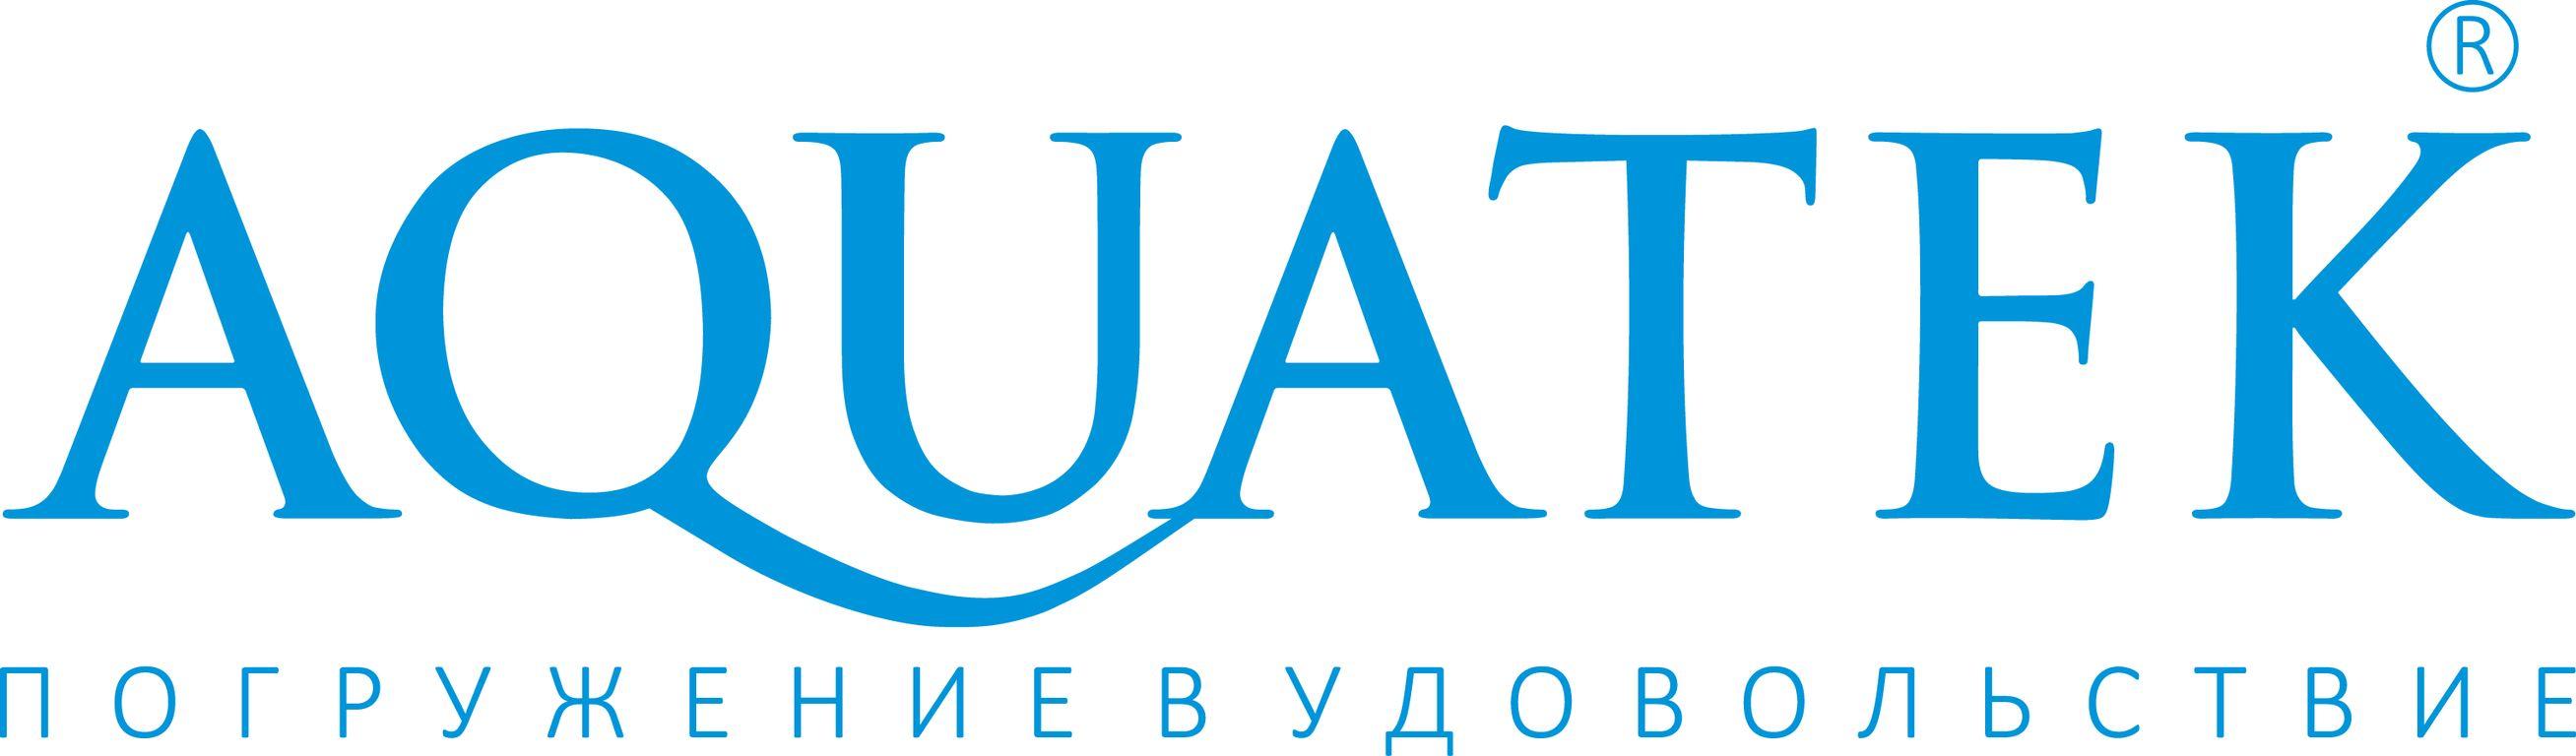 Акриловые ванны компании акватек. Логотип.